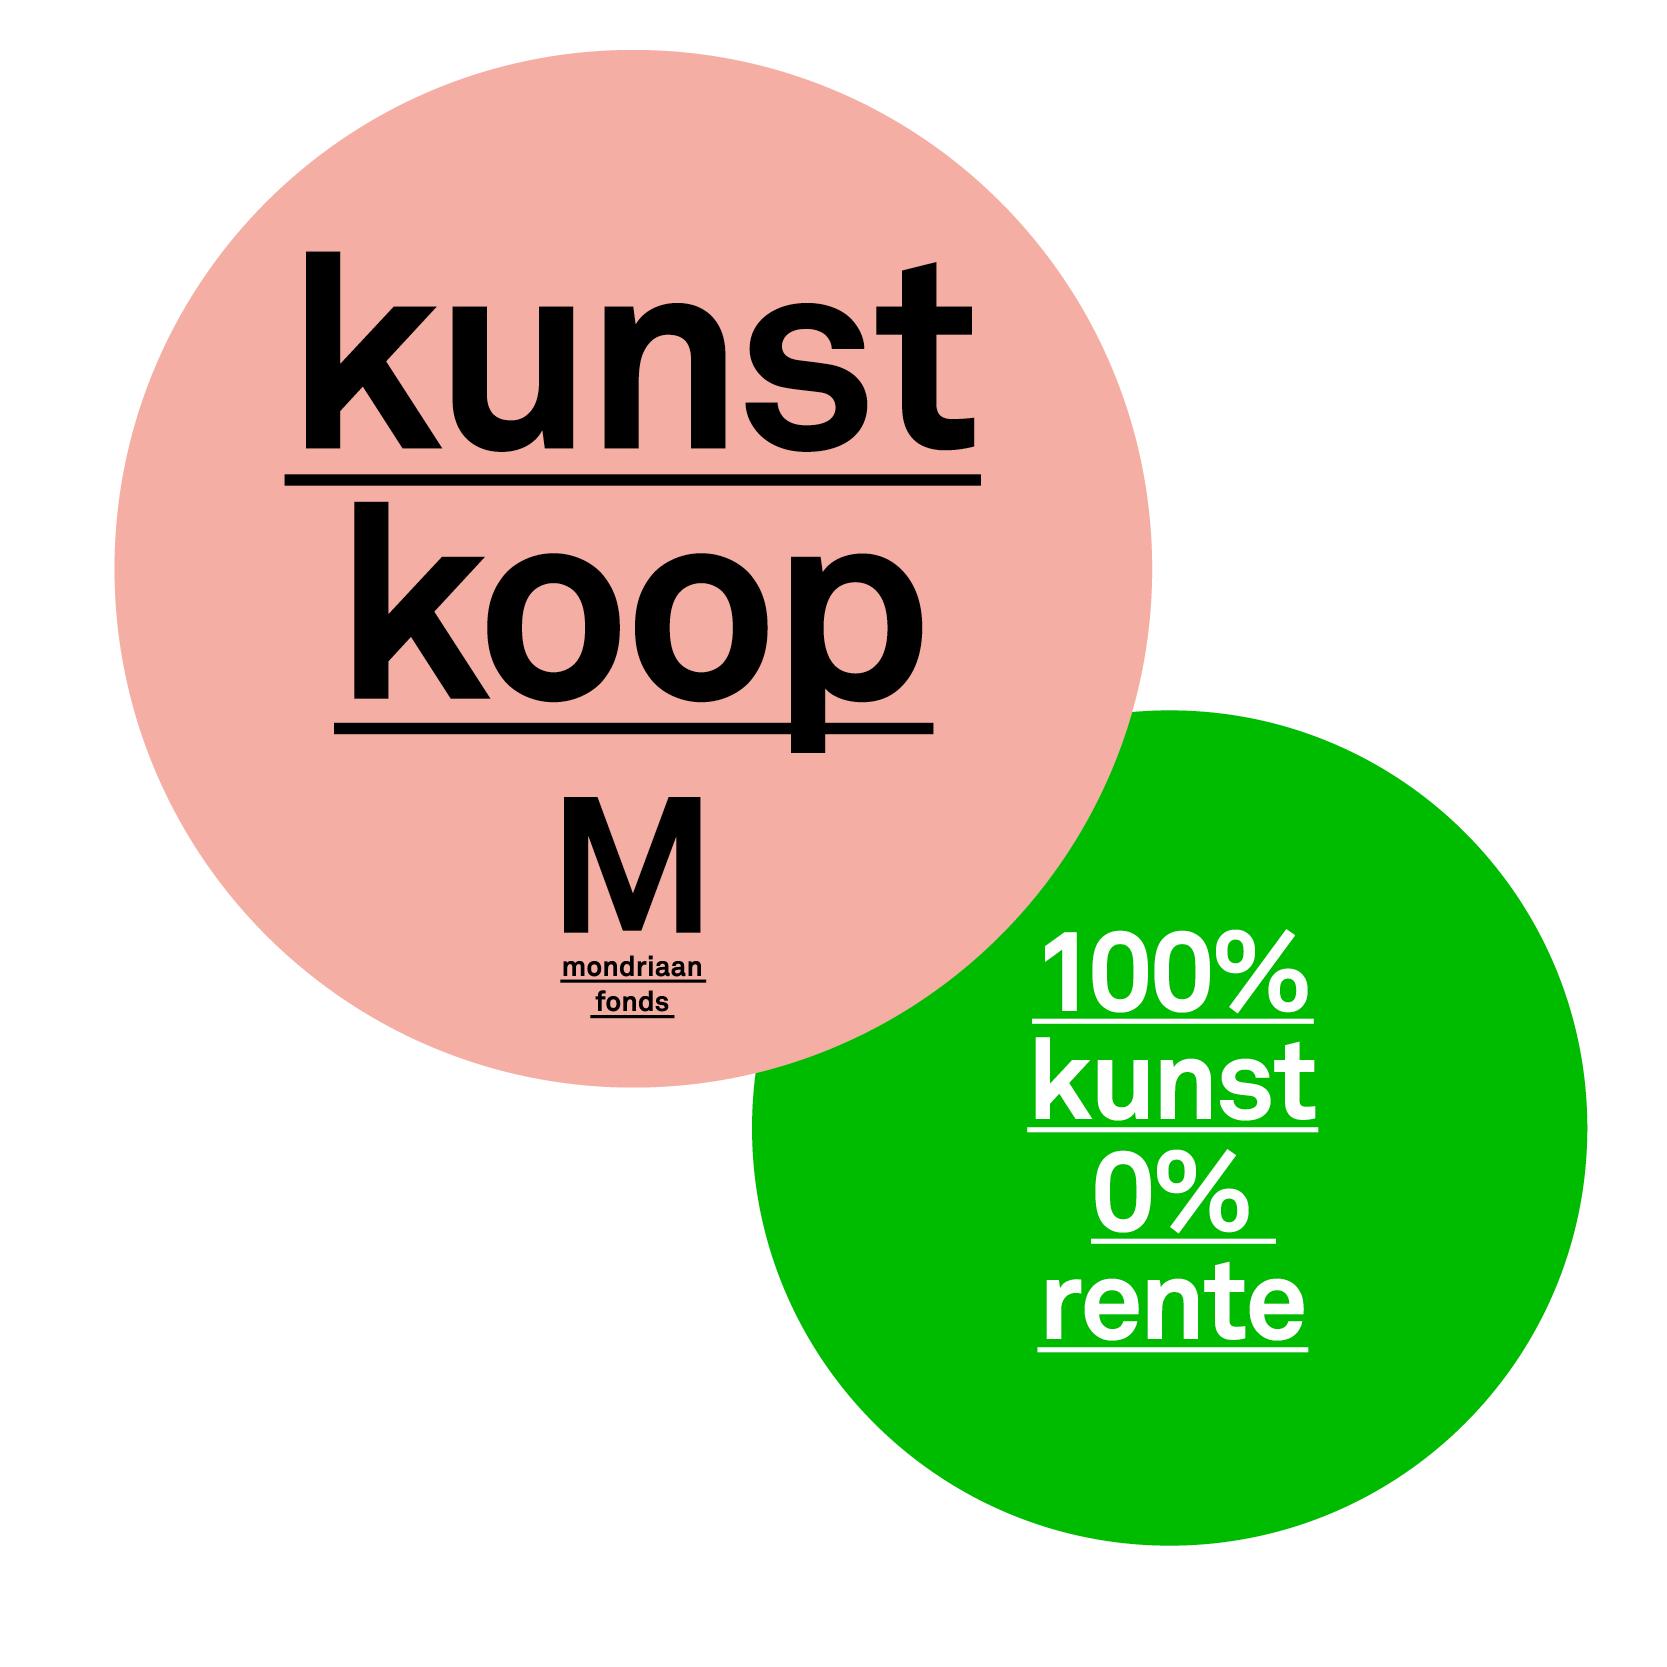 https://cdn.webshopapp.com/shops/64343/files/324636561/logo-kk.png